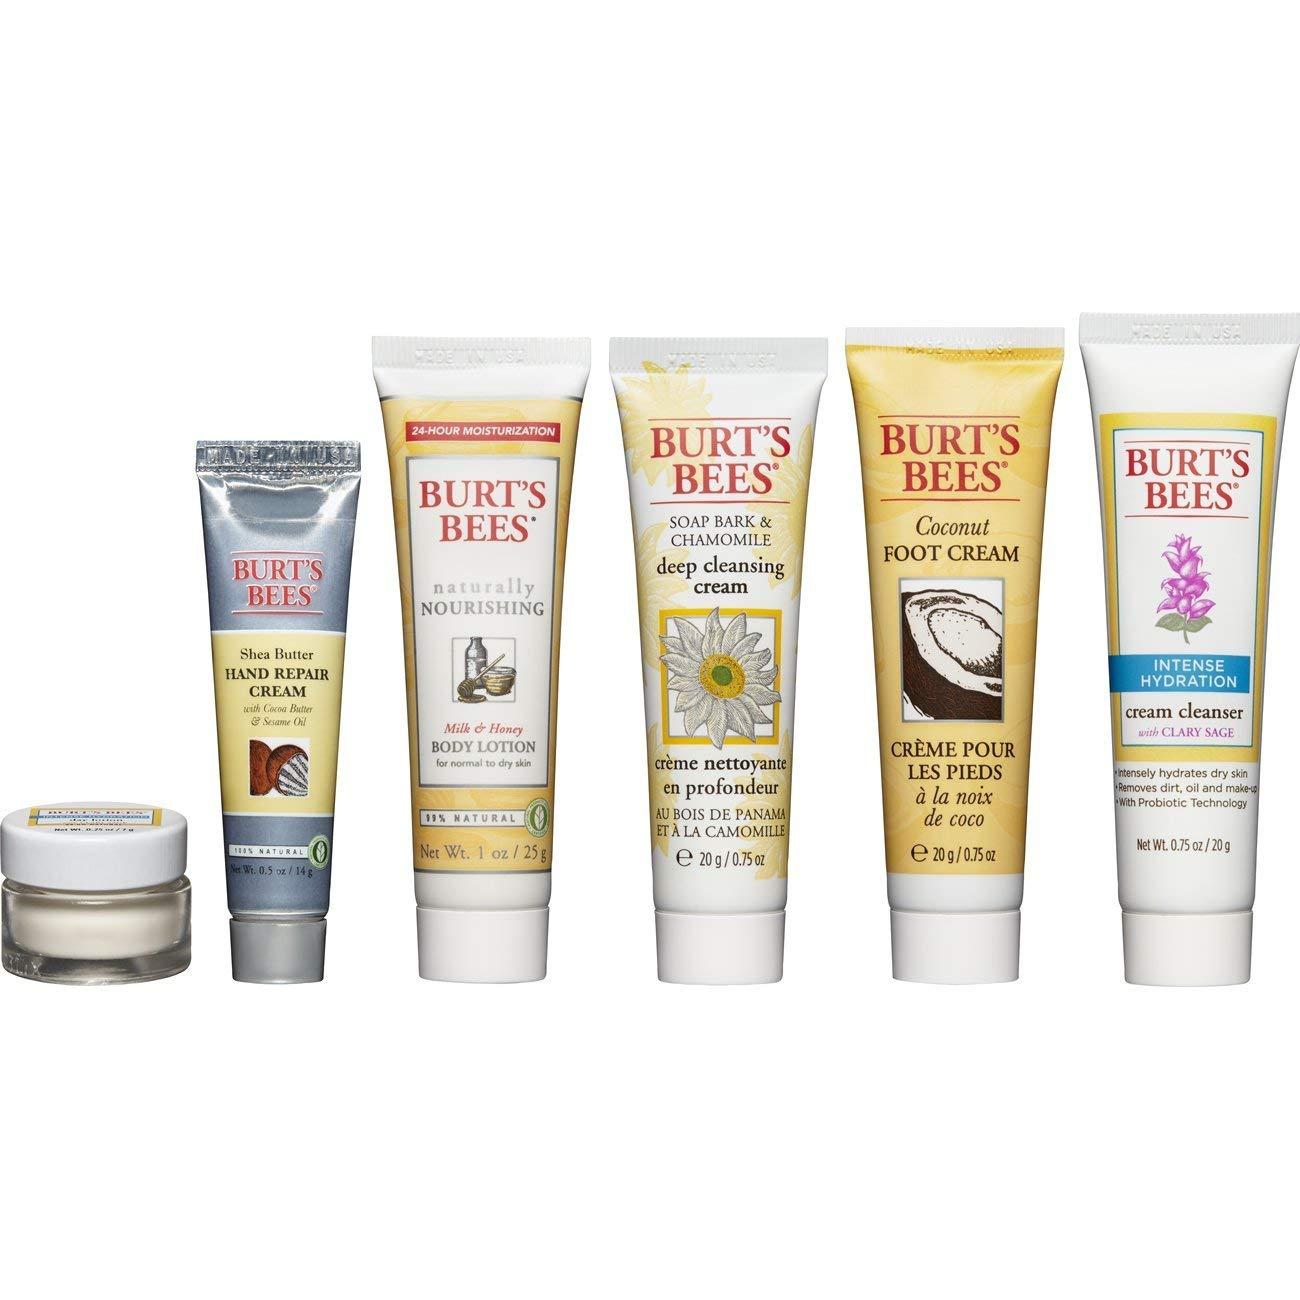 Burt's Bees con ong nhỏ Fabulous mini du lịch sử dụng sản phẩm du lịch bộ 6 điều